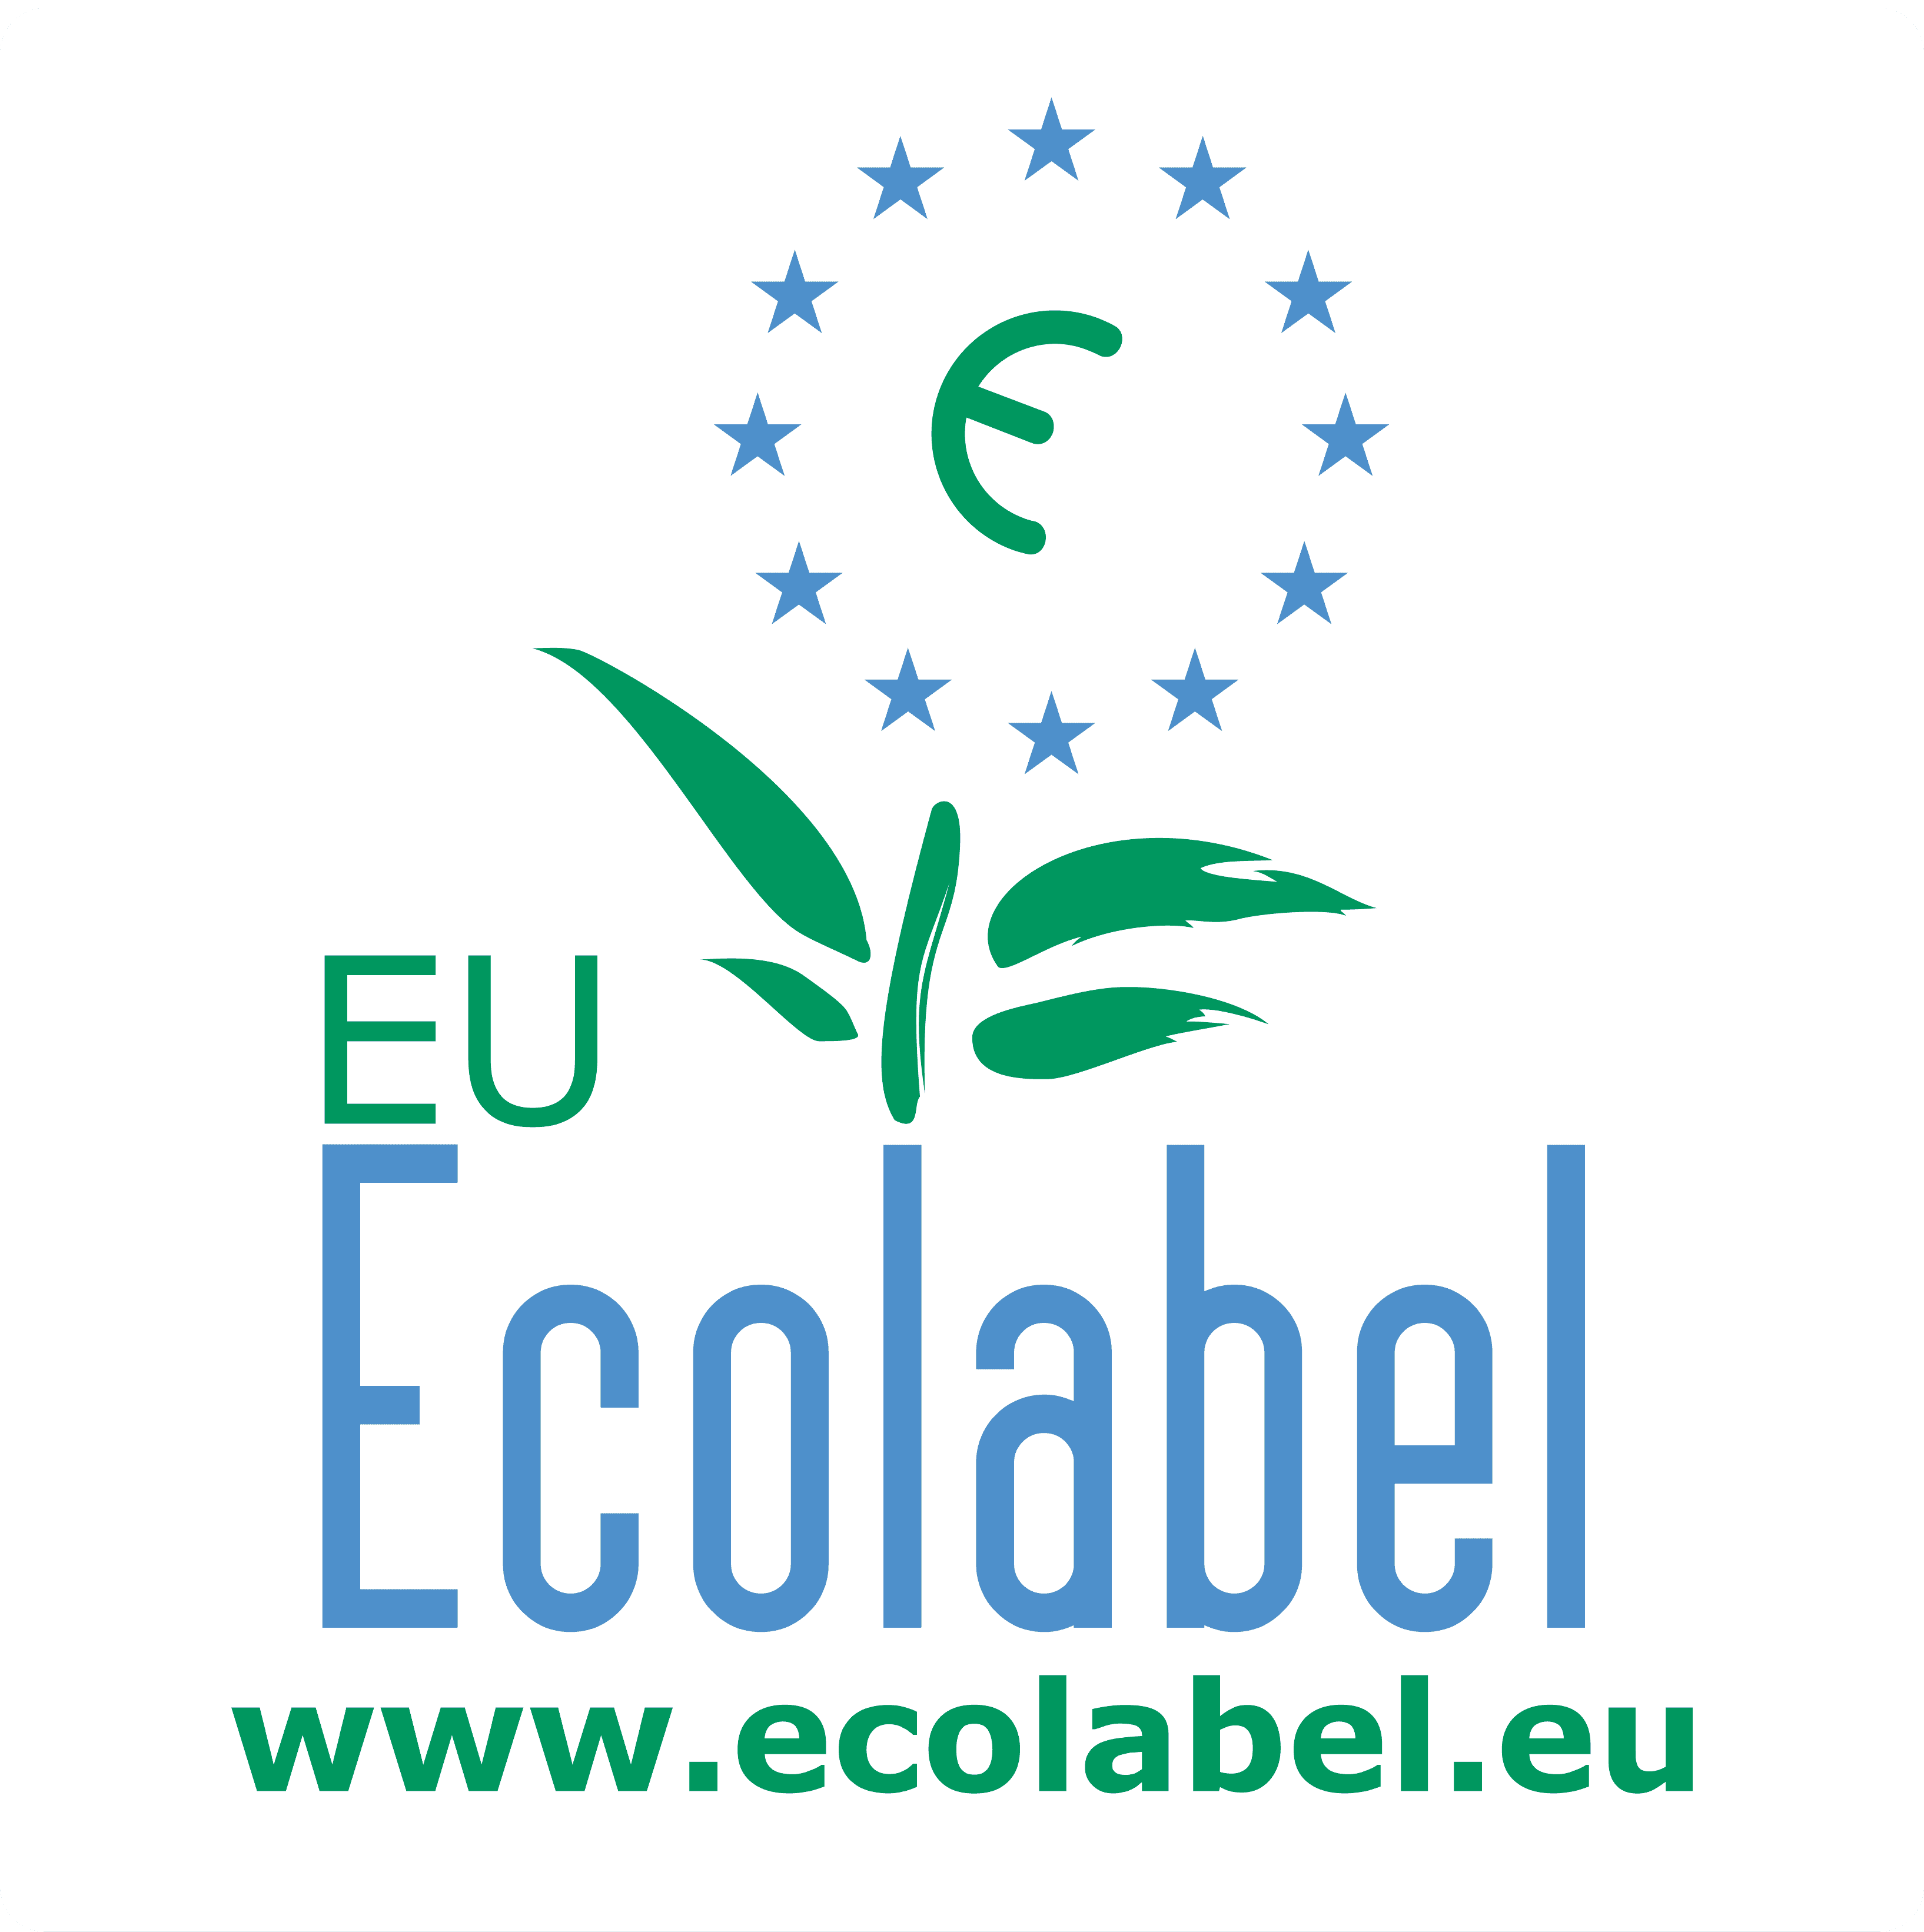 Ecolabel